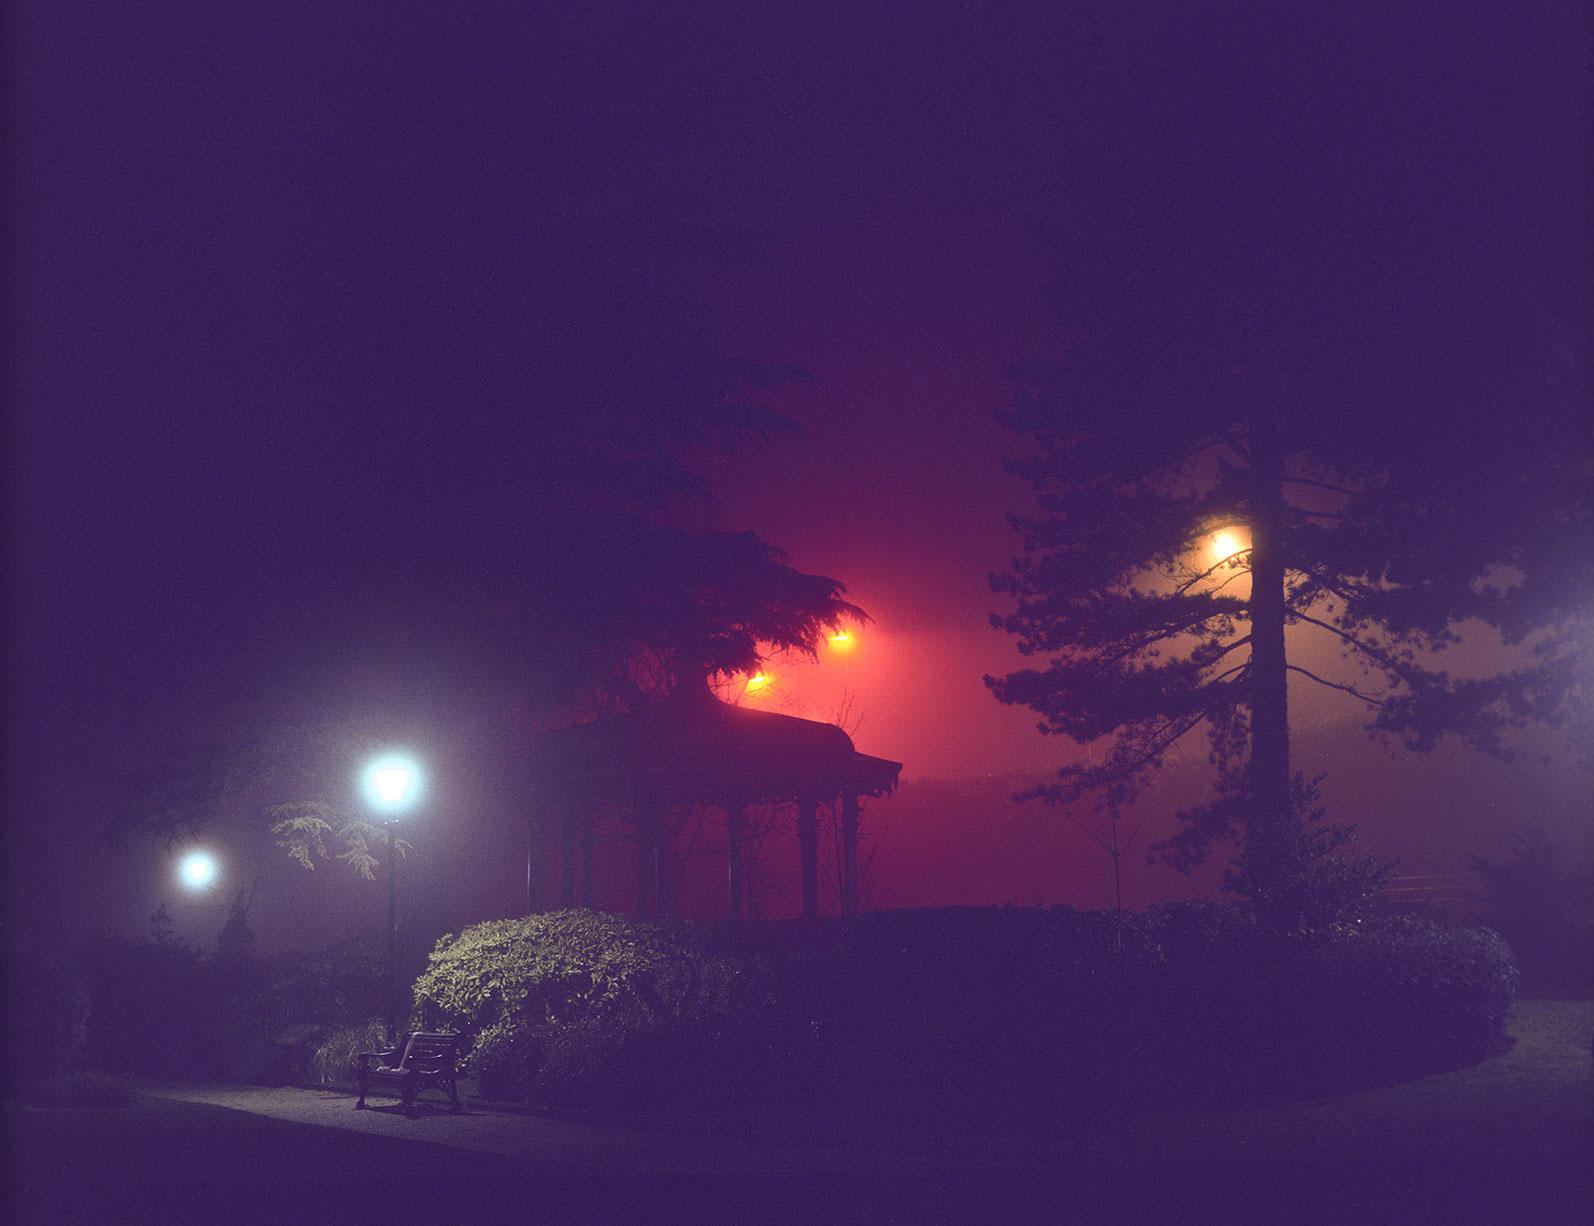 a misty night - d.